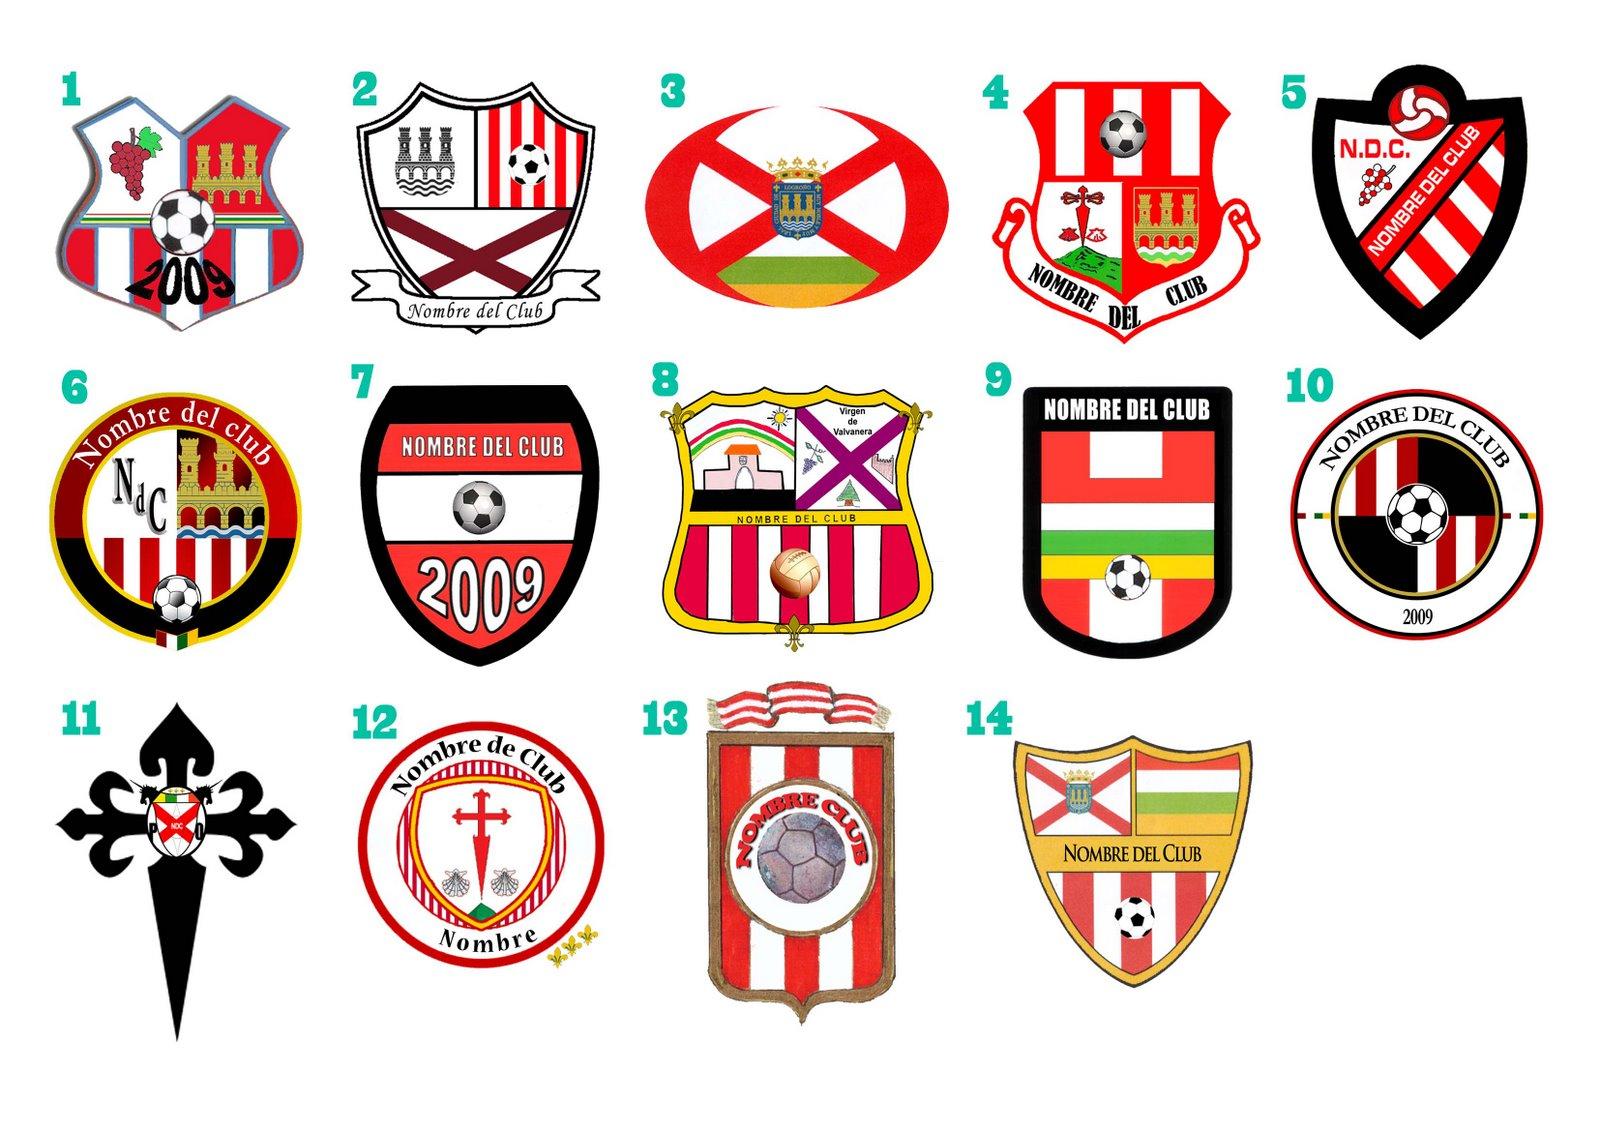 Club Puerta 0  Escudo   Equipaci  N